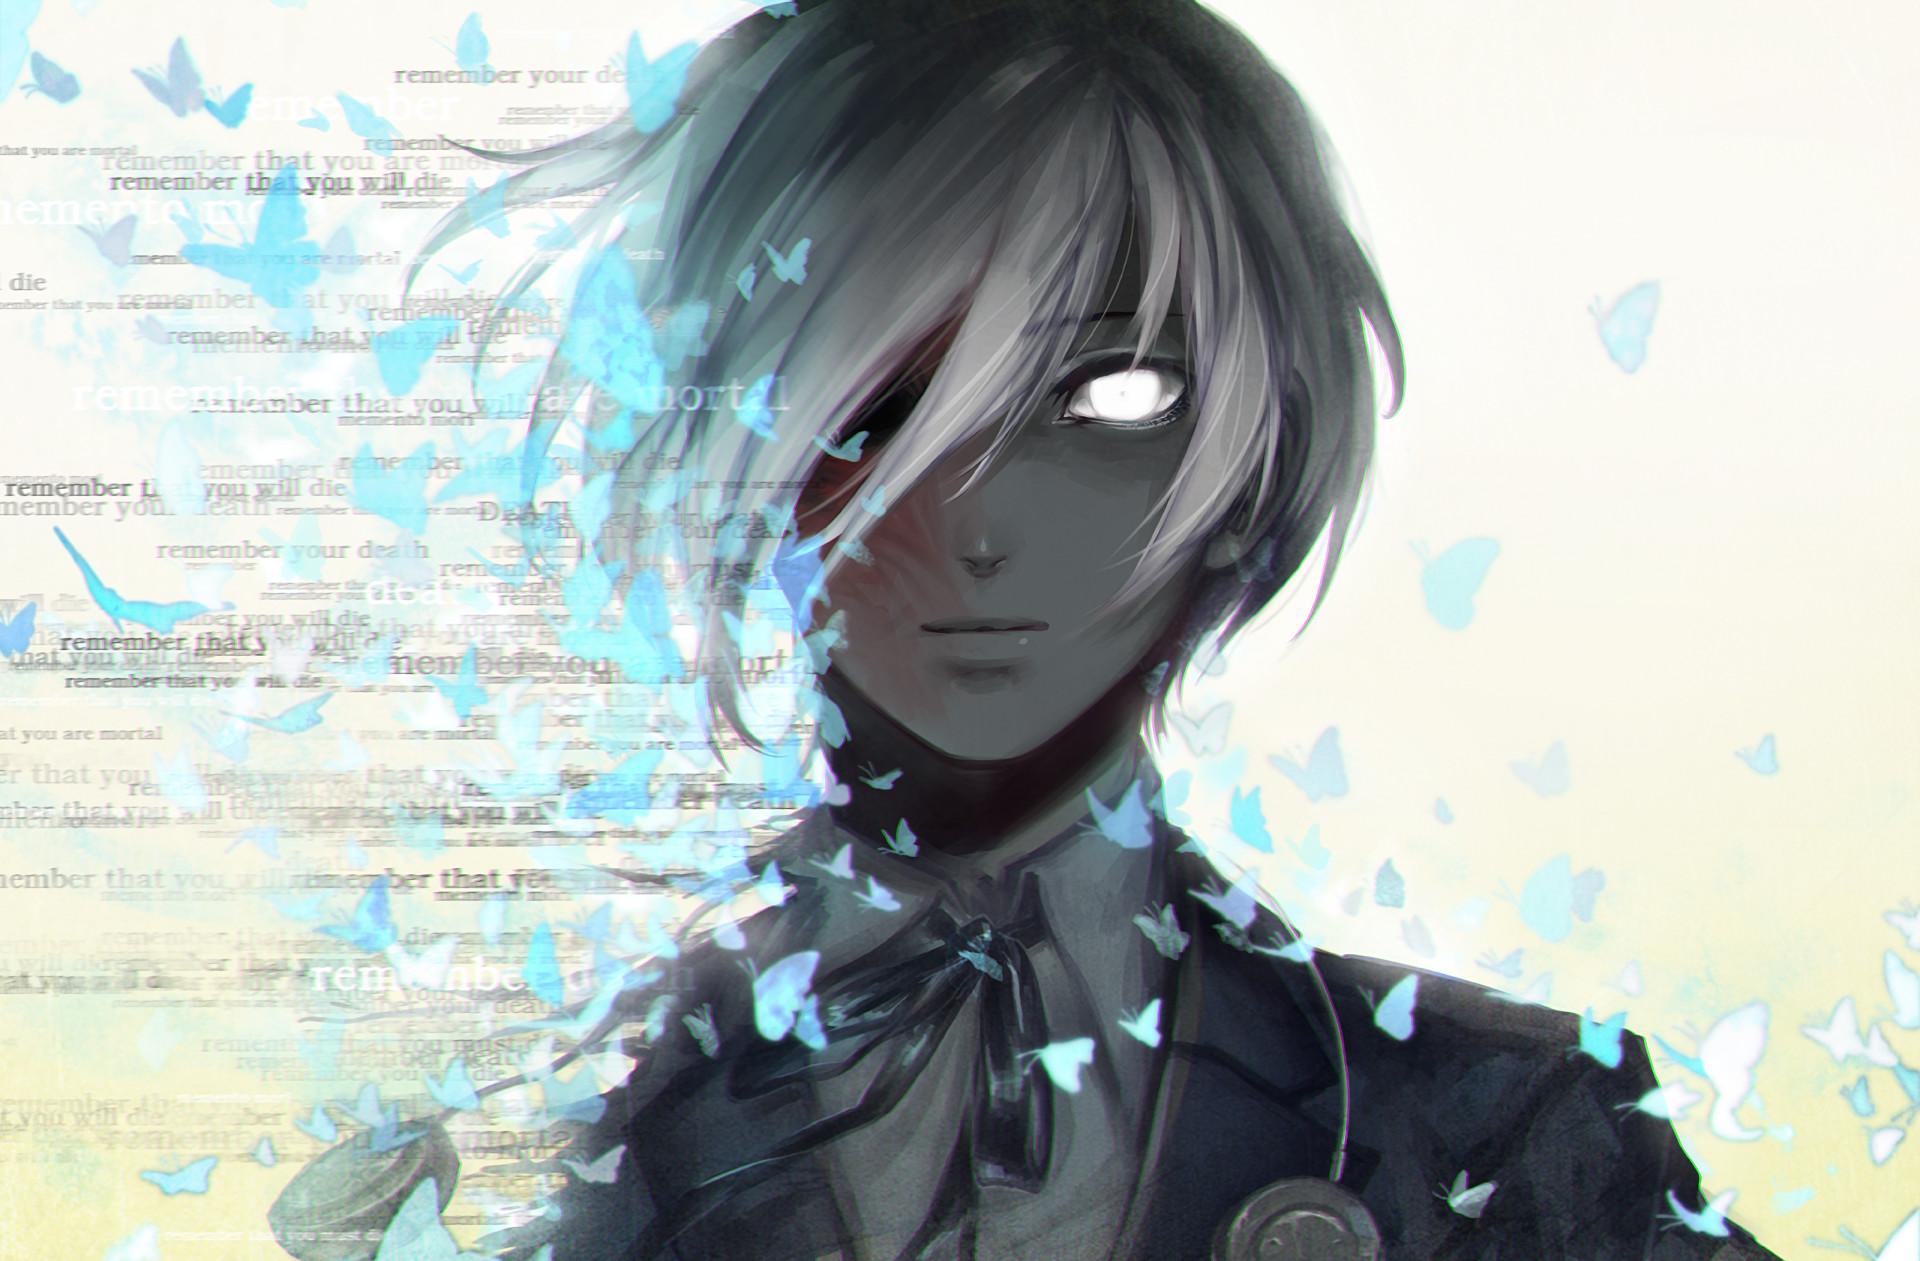 Persona 3 Wallpaper Minato (56+ pictures)